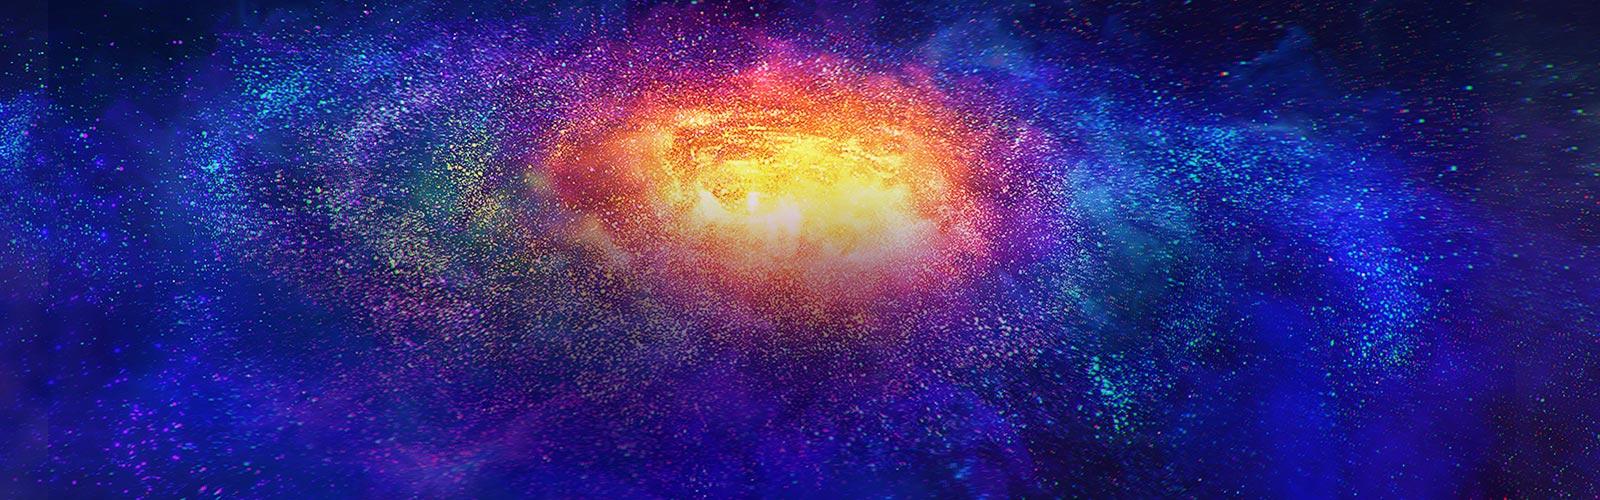 «Миллионы крошечных разноцветных частиц в космосе»